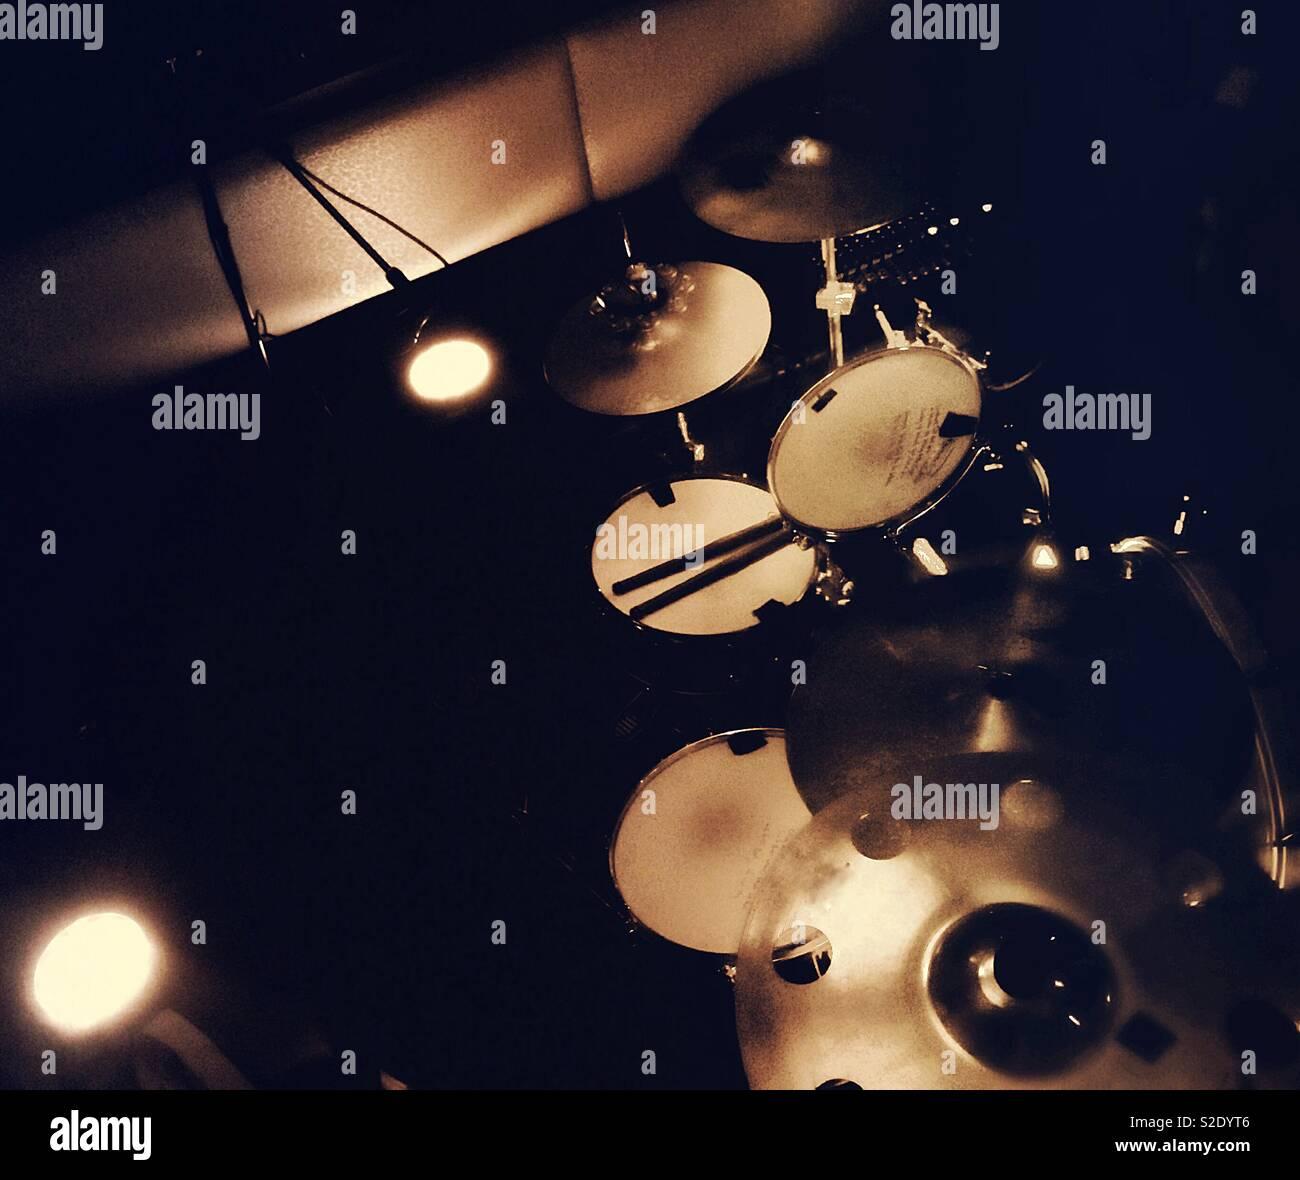 Kit de batería antes de downbeat. Imagen De Stock